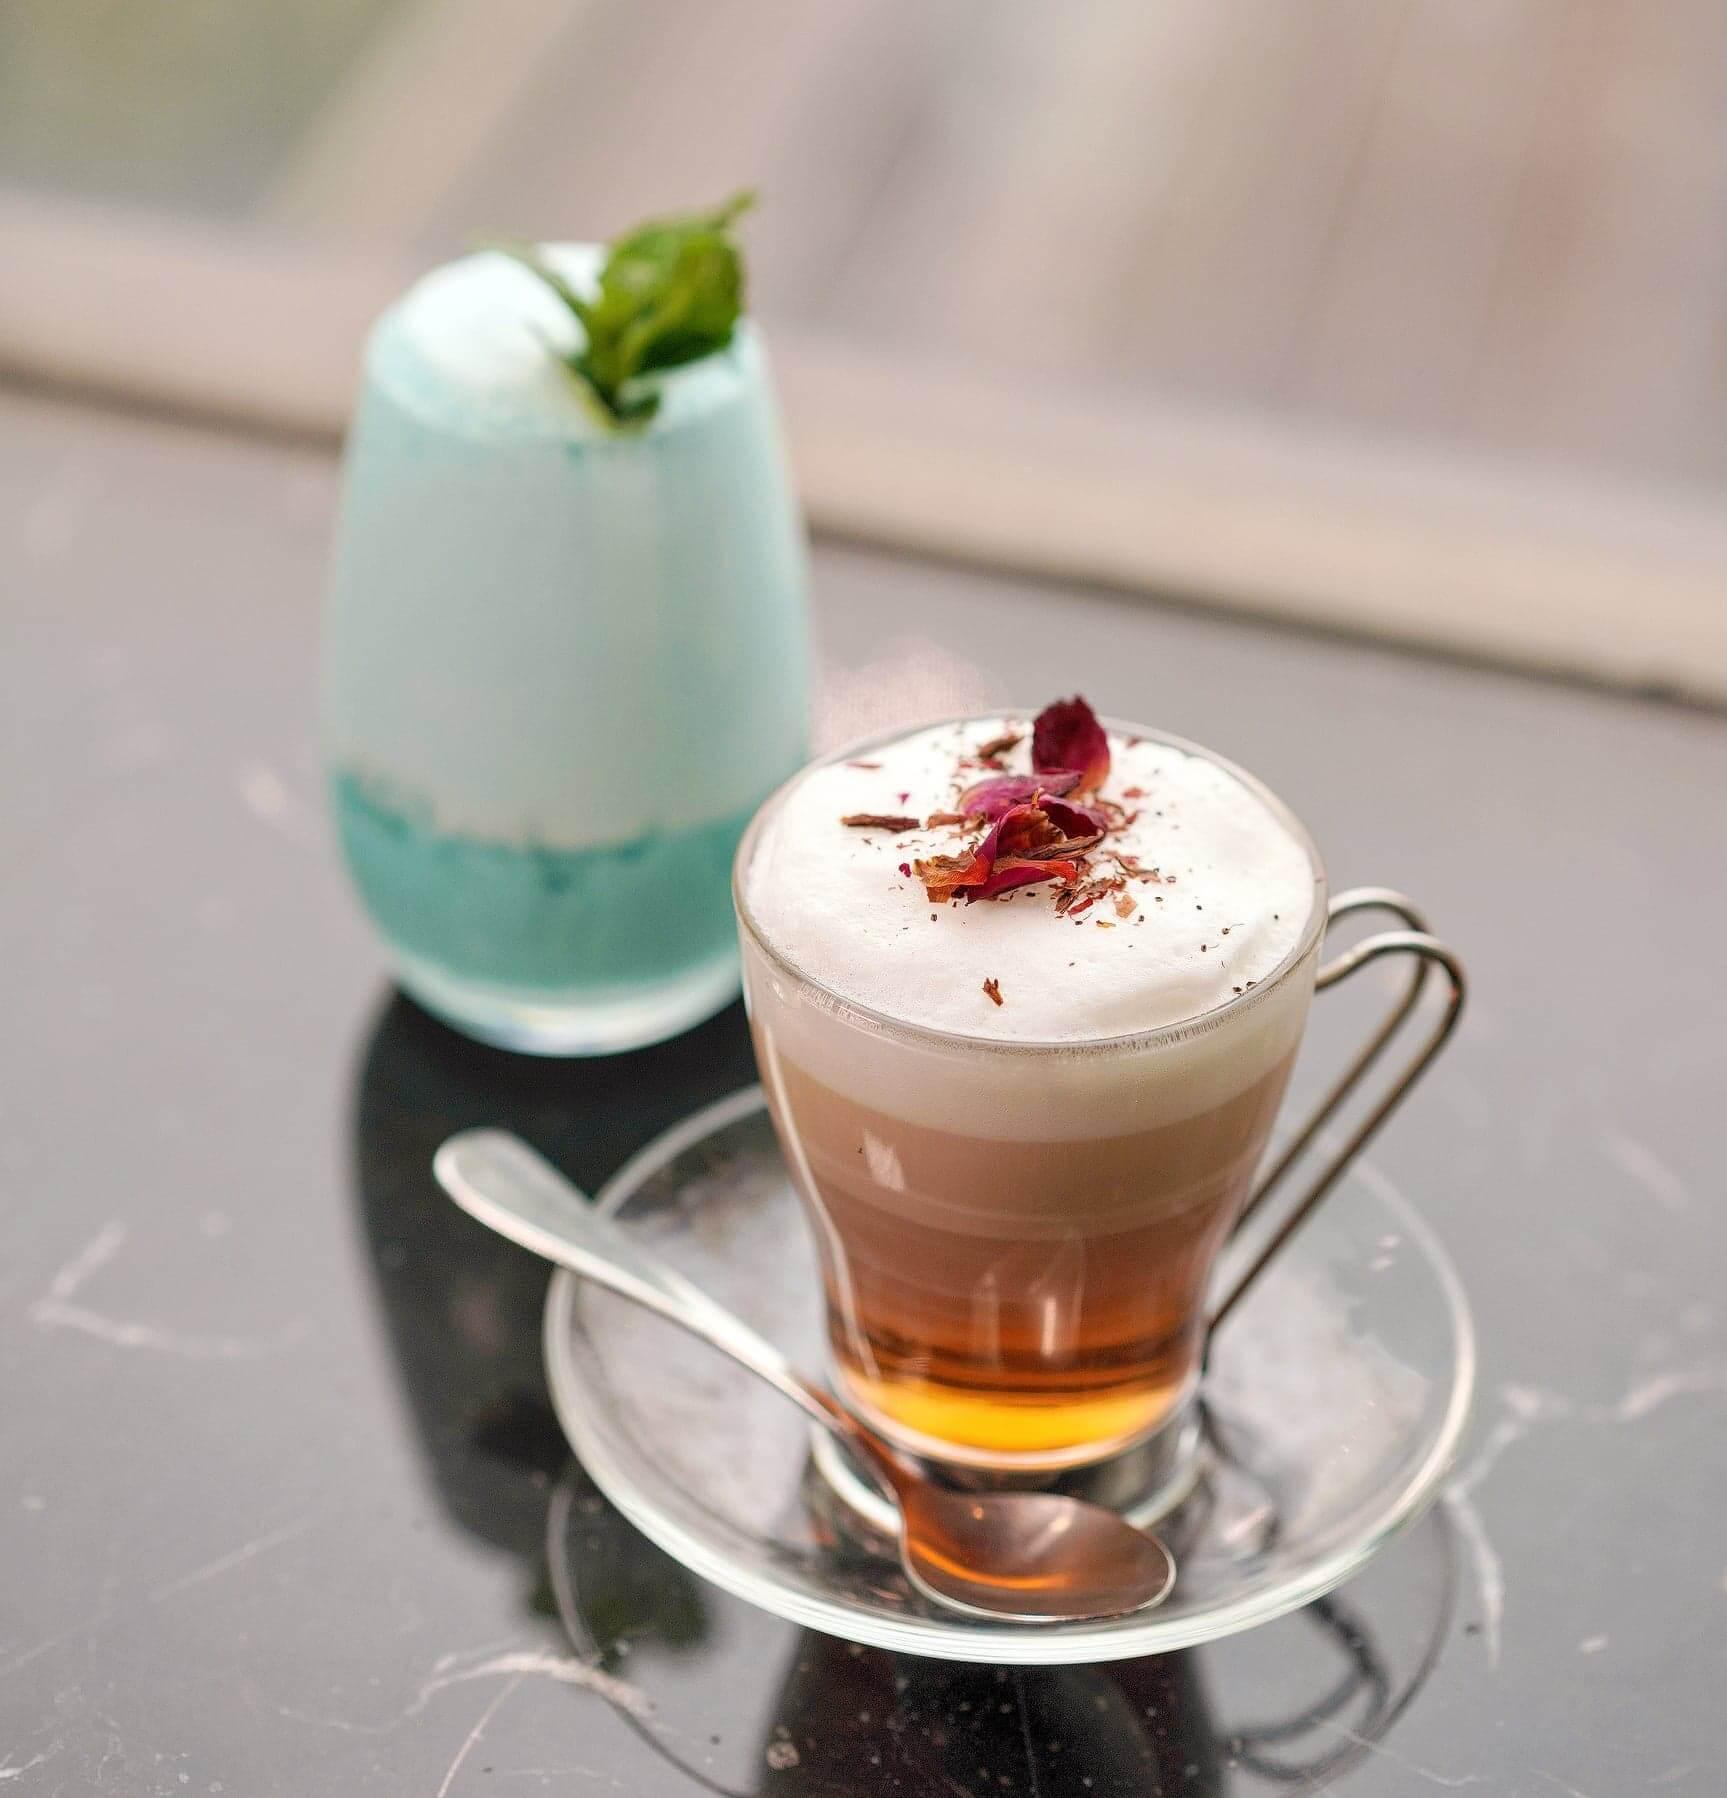 兩款特飲,左:Ocean Blue;右:White Tea Latte。